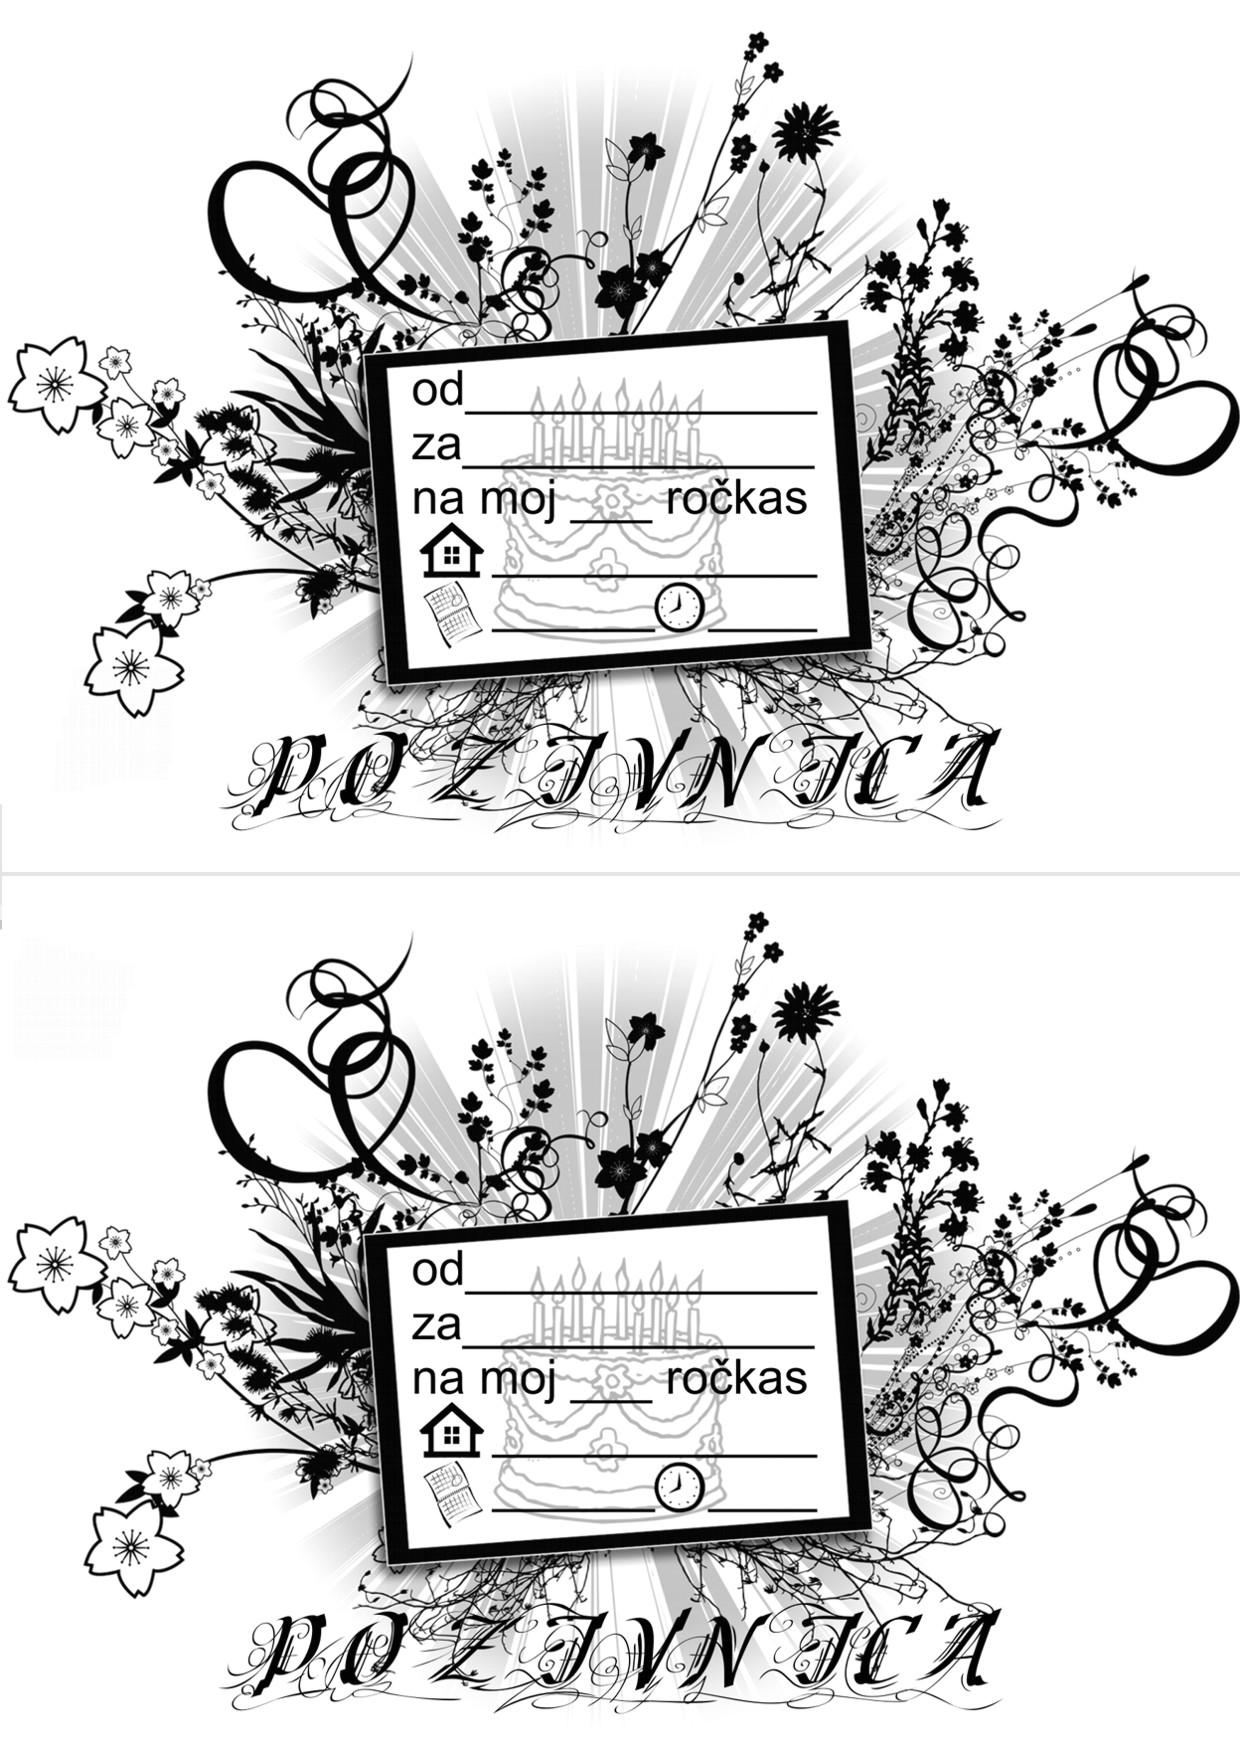 dječje pozivnice za rođendan za printanje Pozivnice za rođendan print crno bijele   Iznenađenje za rođendan  dječje pozivnice za rođendan za printanje